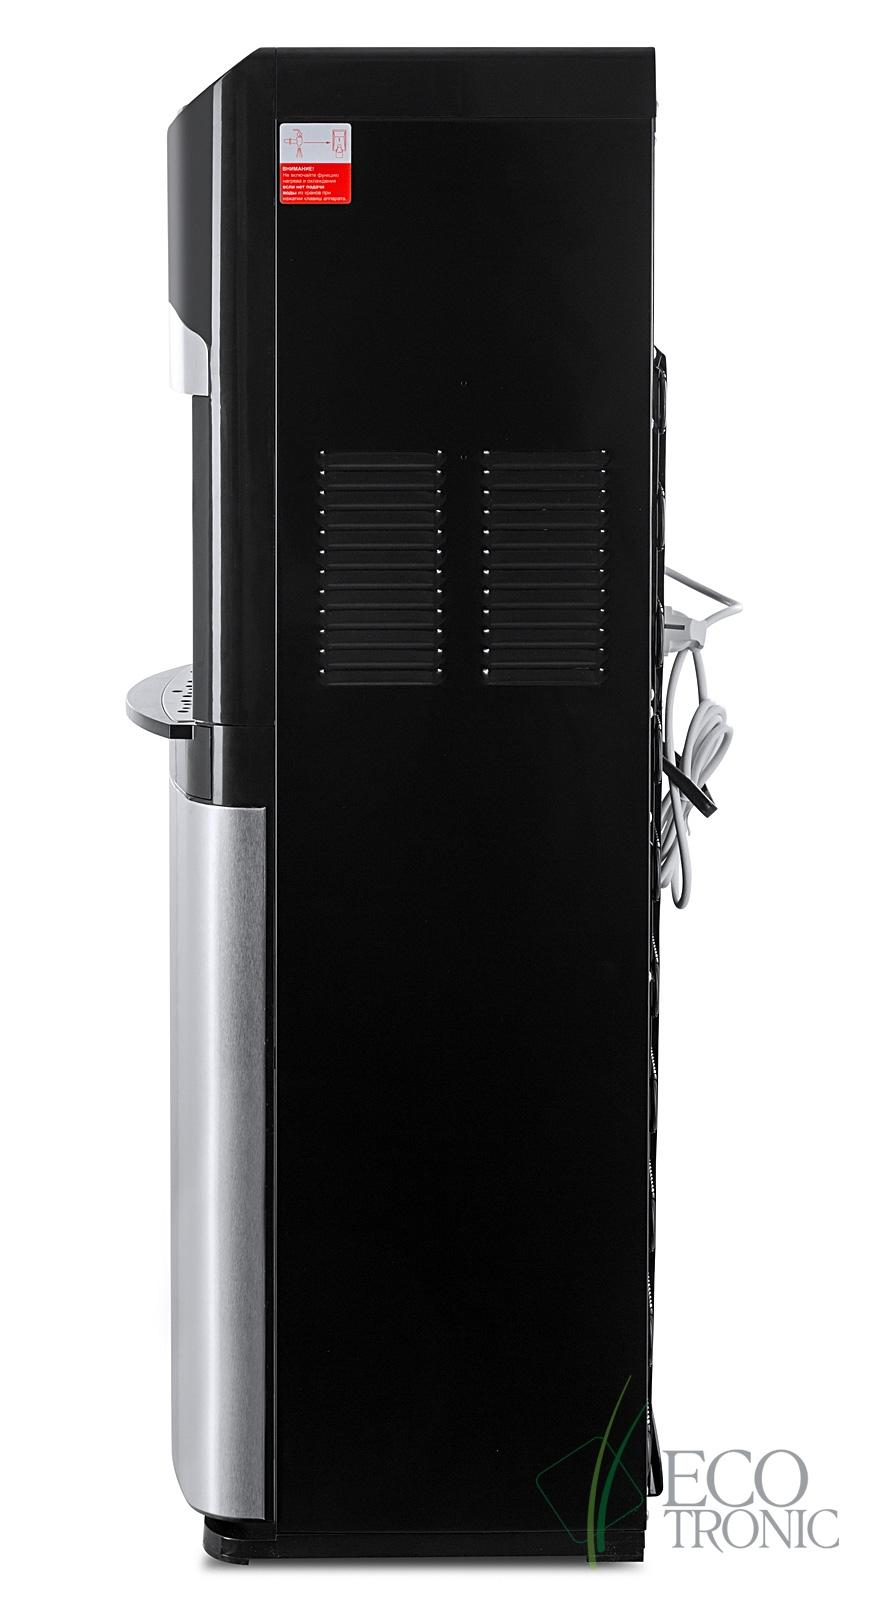 Пурифайер Ecotronic M11-U4LE black - 10